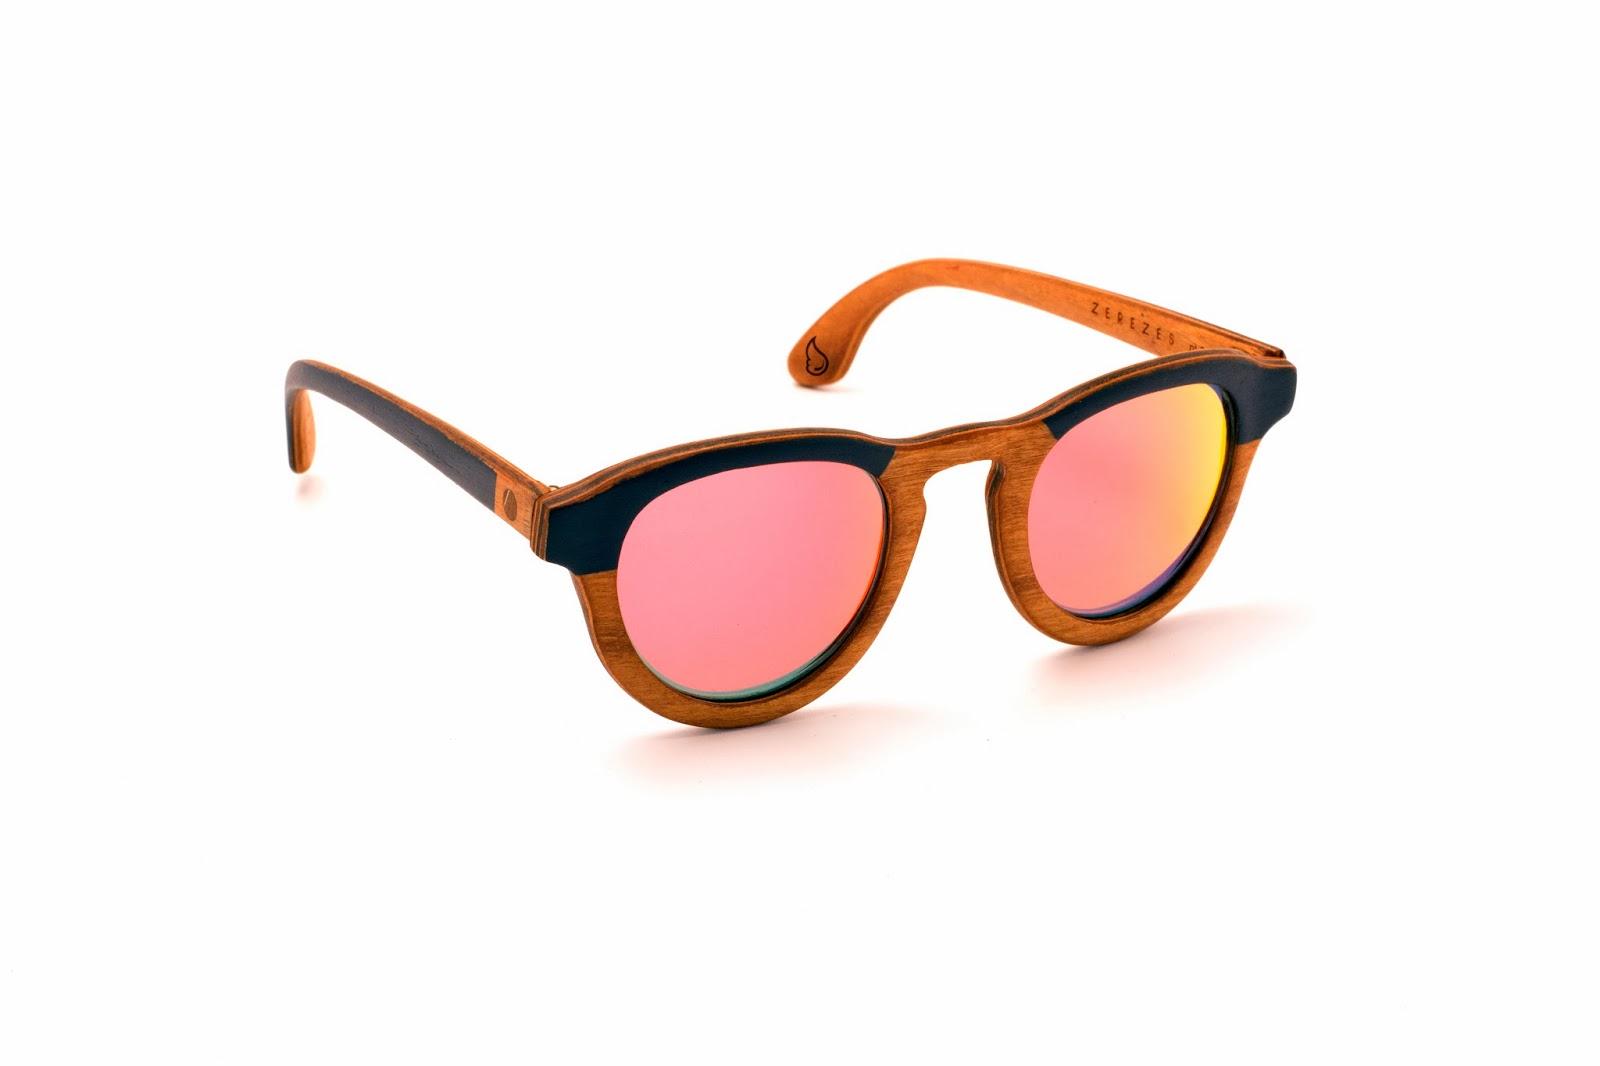 Óculos Zerezes + do bem™